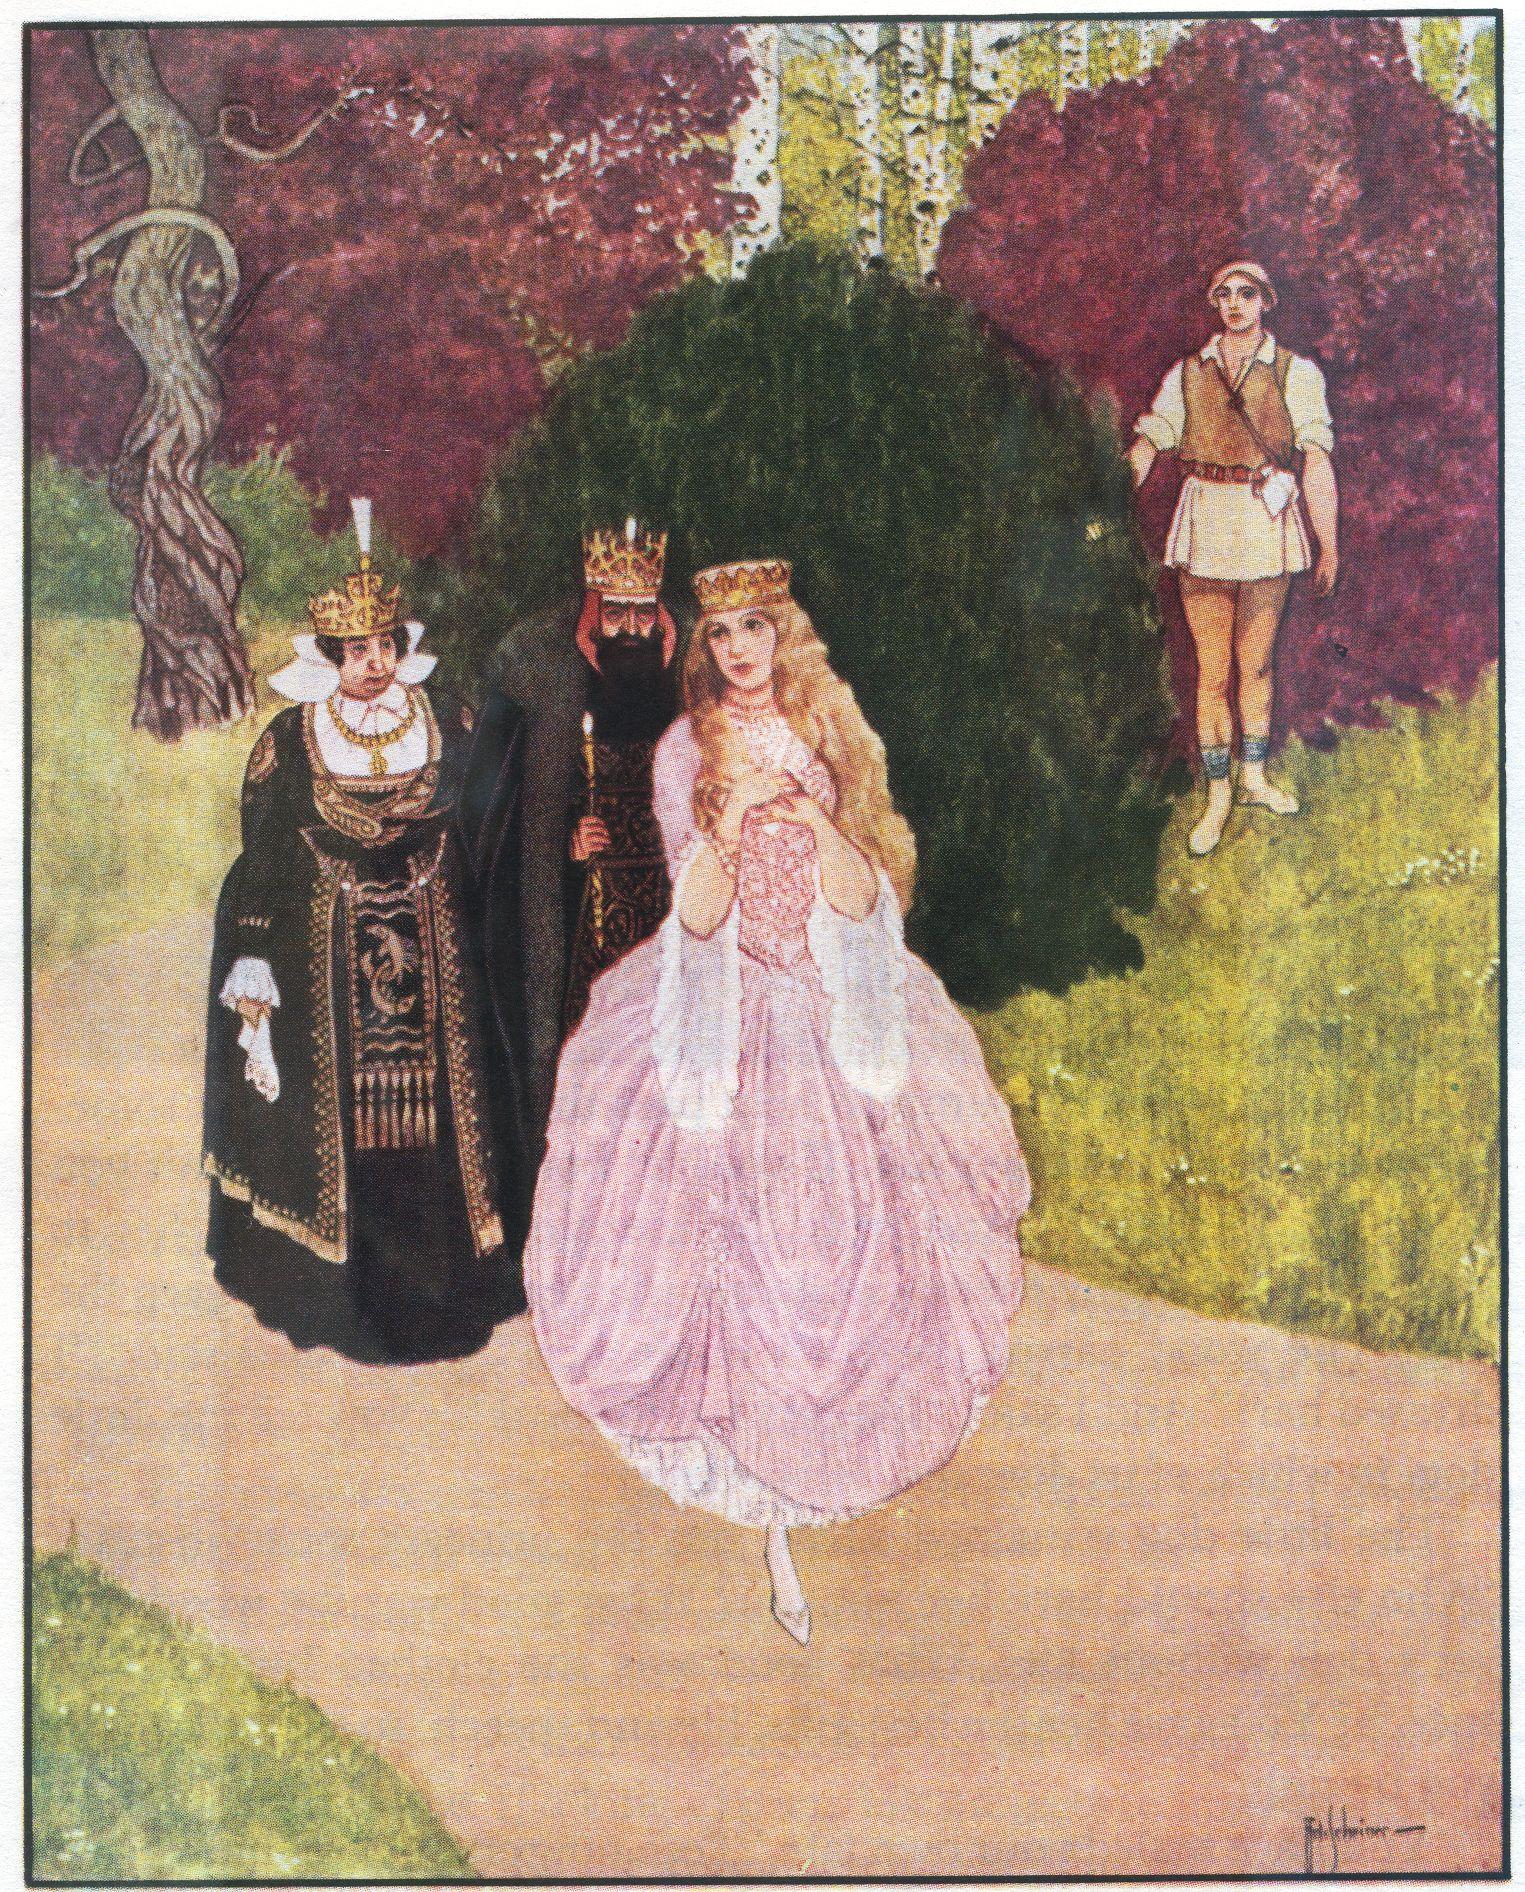 Artuš Scheiner - Illustration for Fairy Tales by K.J. Erben | Artuš ...